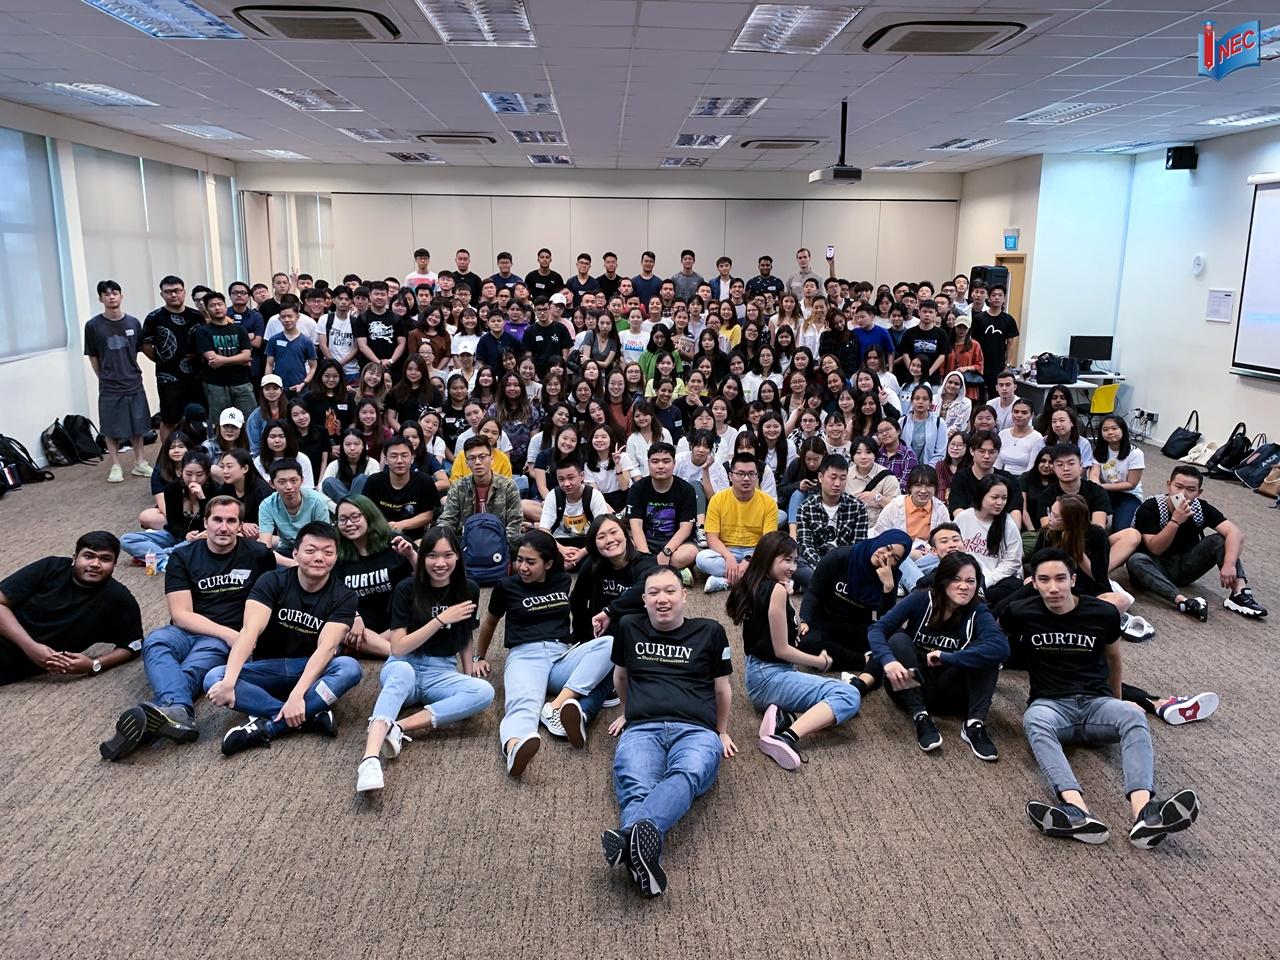 Du học ngành báo chí truyền thông tại Curtin Singapore